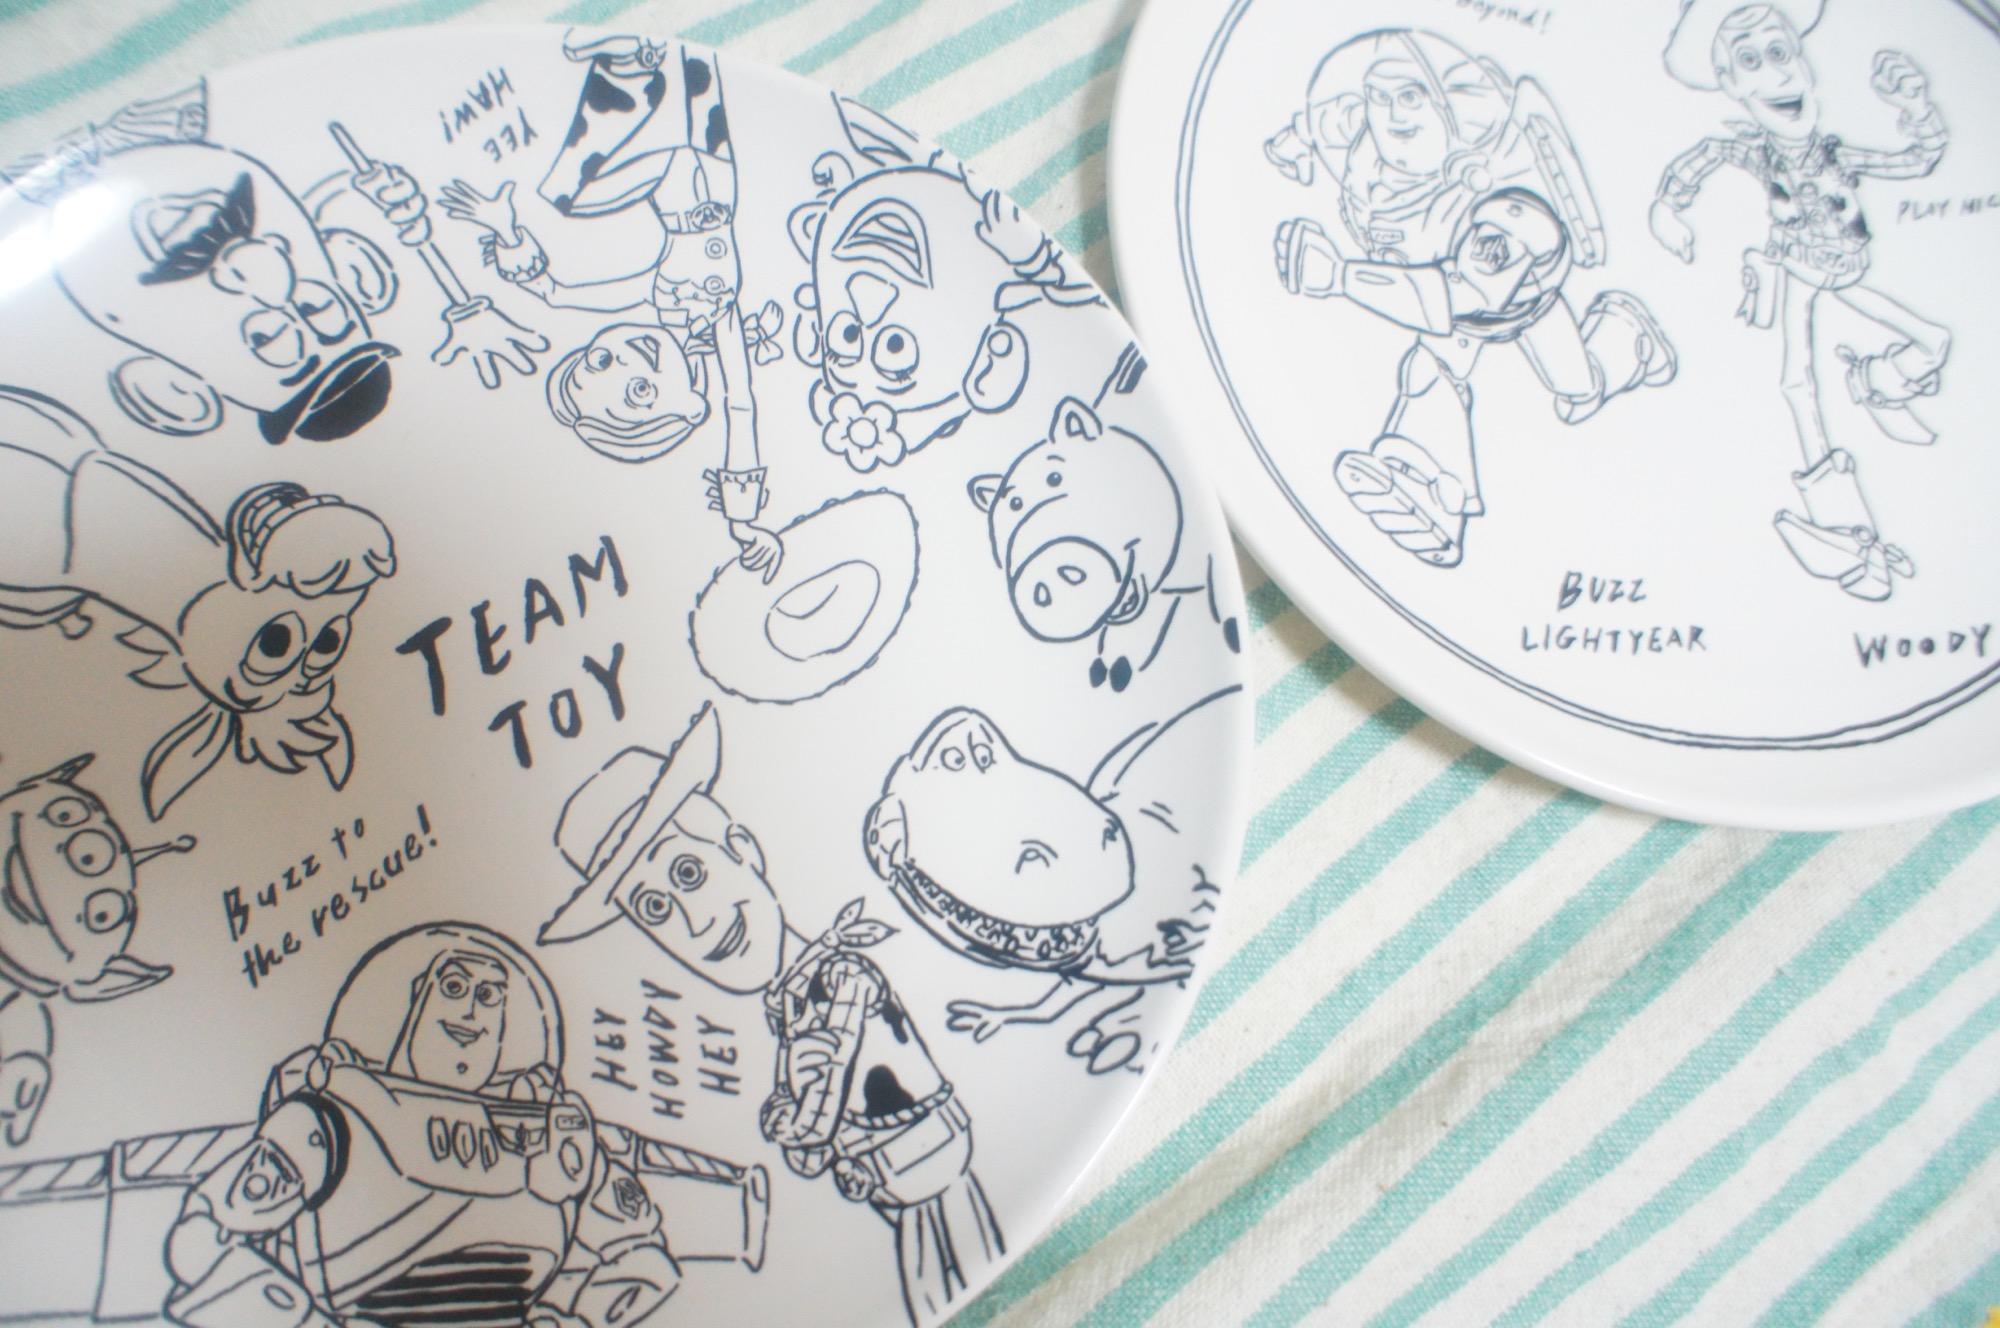 《完売必至❤️》思わず爆買い!【3COINS】トイストーリーとのコラボアイテムが可愛すぎる!☻ -vol.2-_1